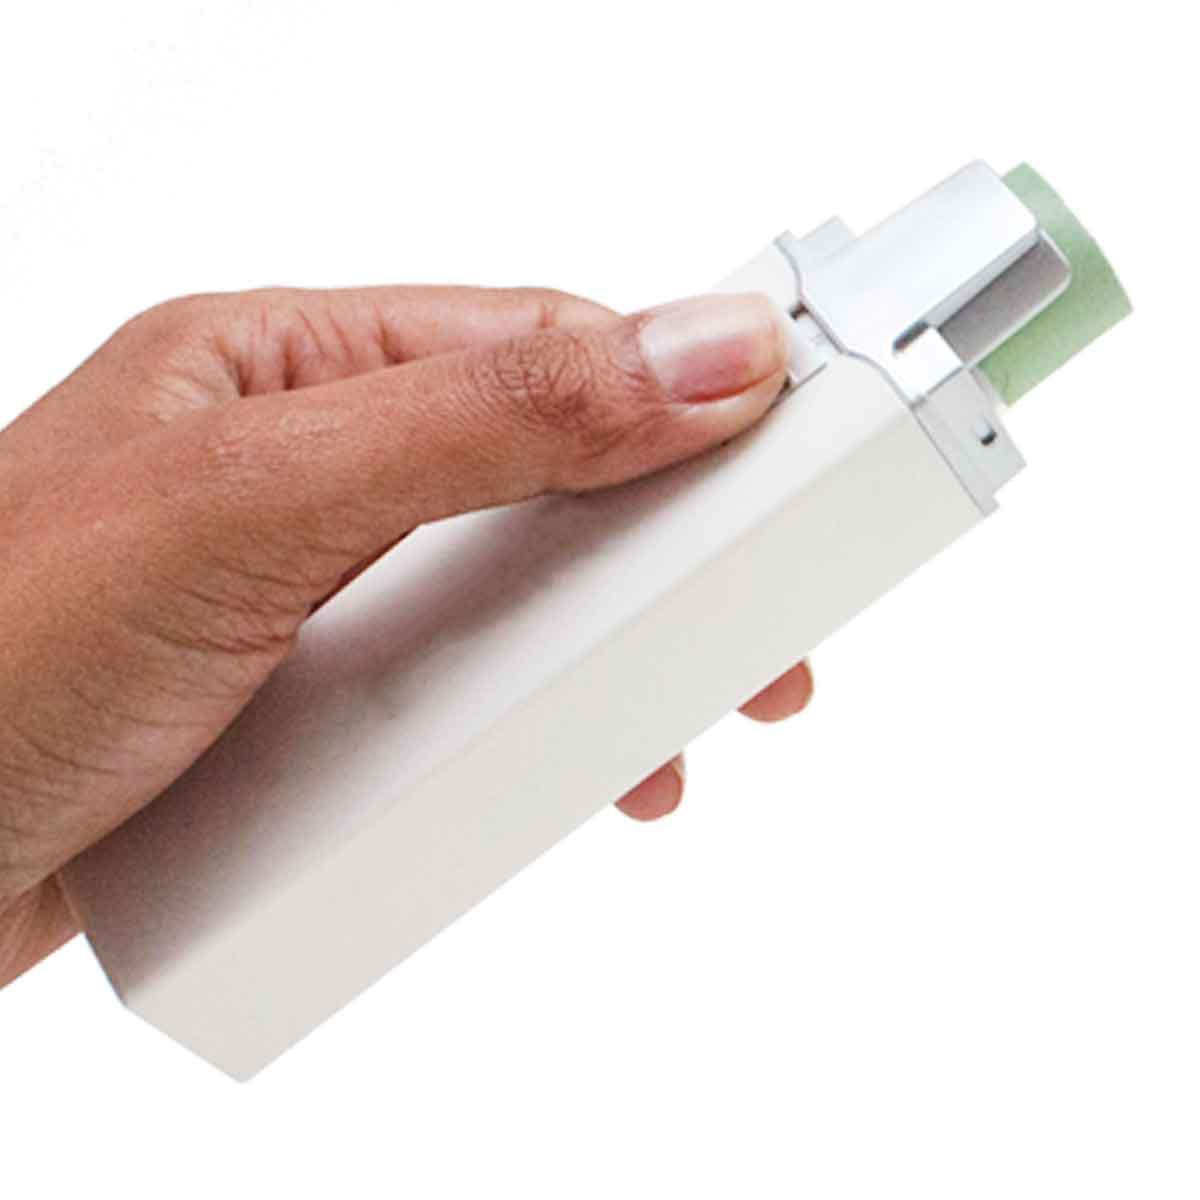 Polidor Elétrico De Unhas Portátil Sem Fio Manicure Mão Pé